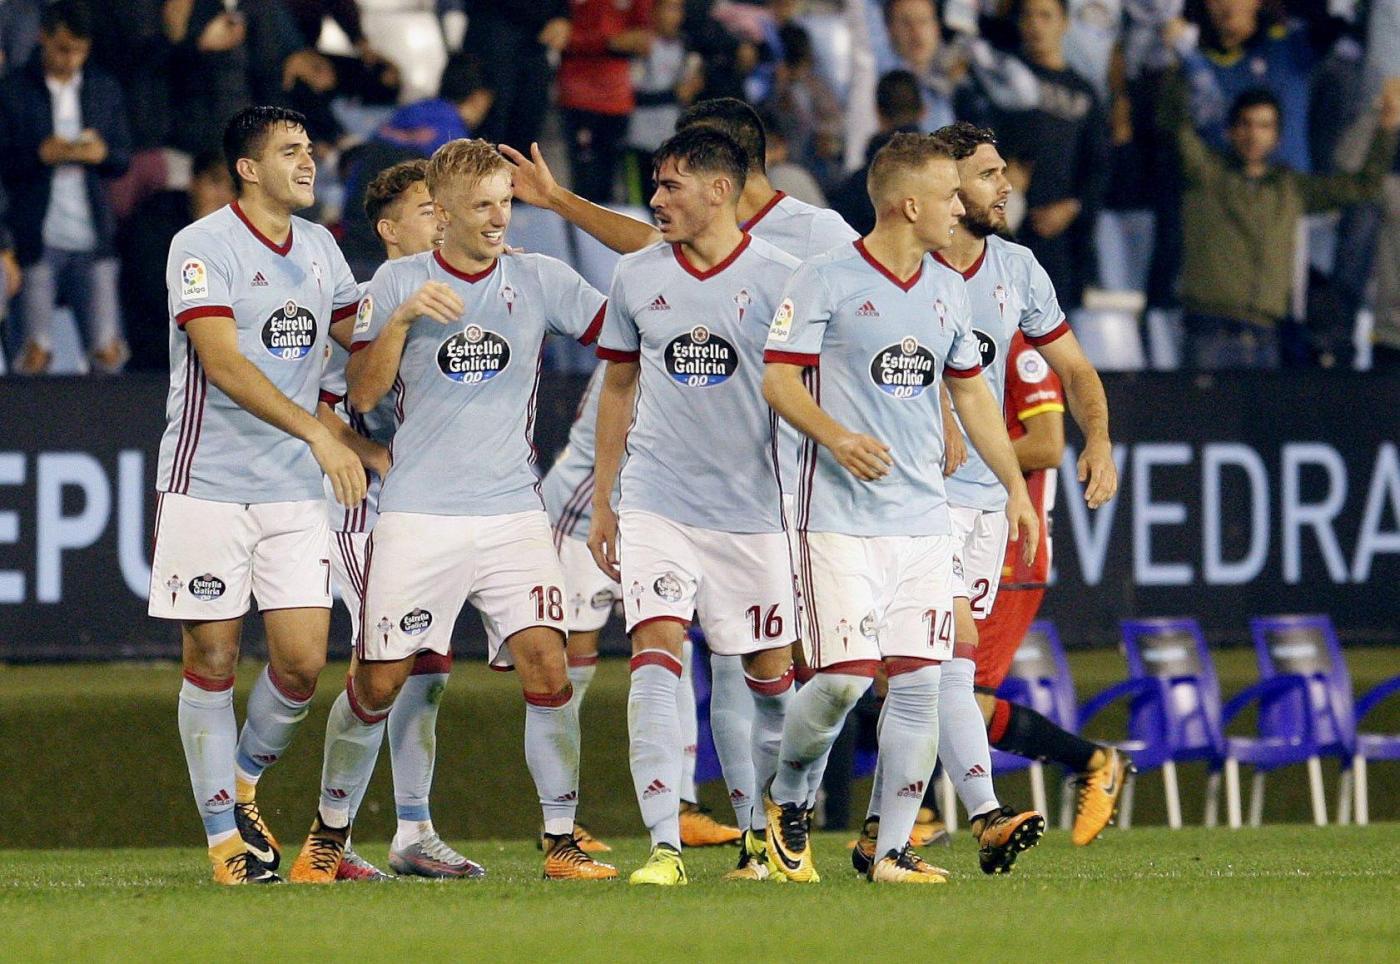 LaLiga, Celta Vigo-Girona sabato 20 aprile: analisi e pronostico della 33ma giornata del campionato spagnolo